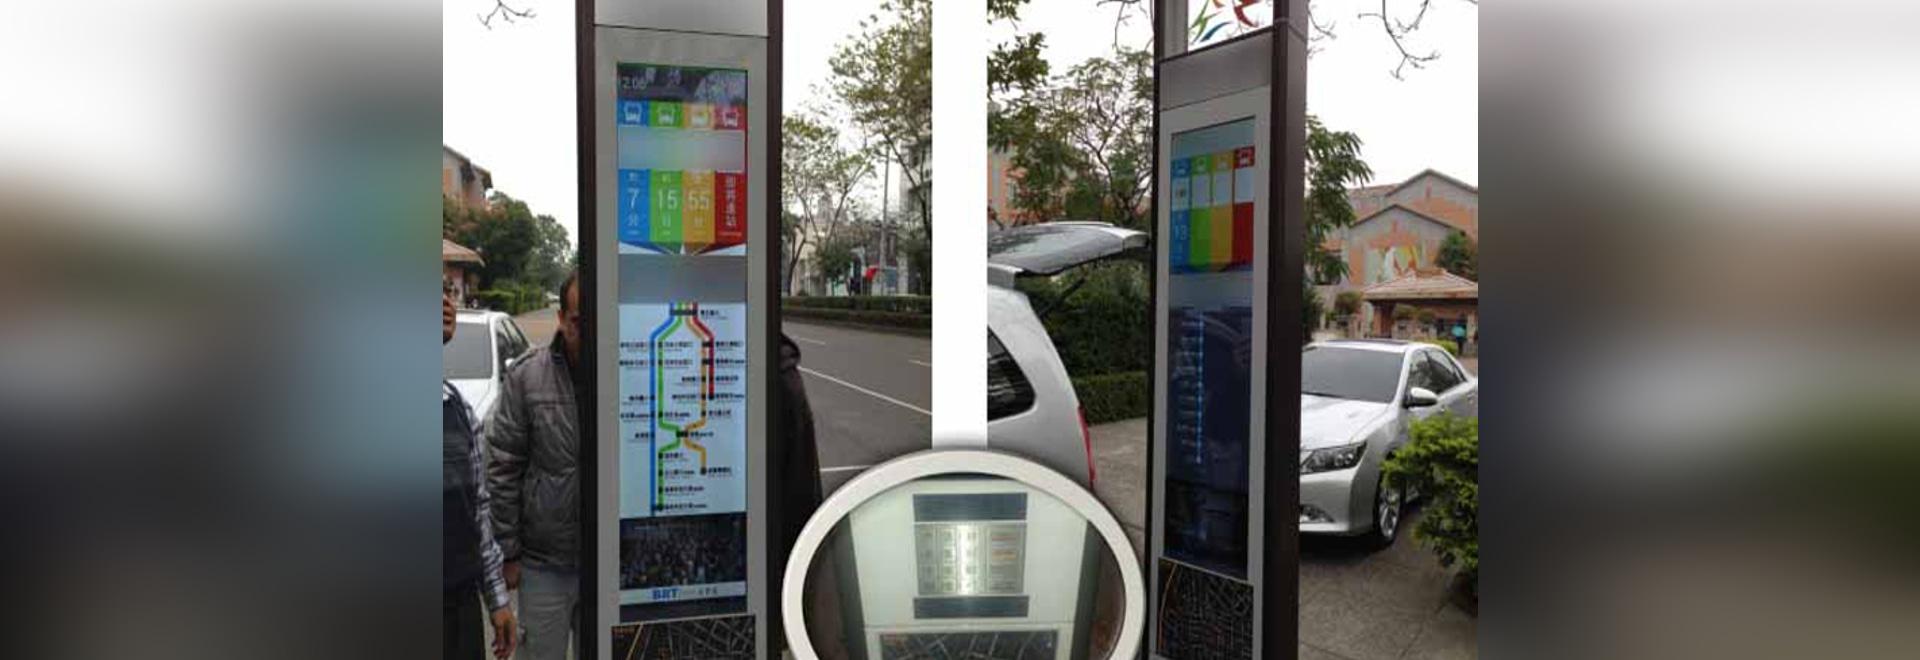 Système public urbain de panneau d'autobus de Taïwan de smarts cellulaires de routeur de Hongdian